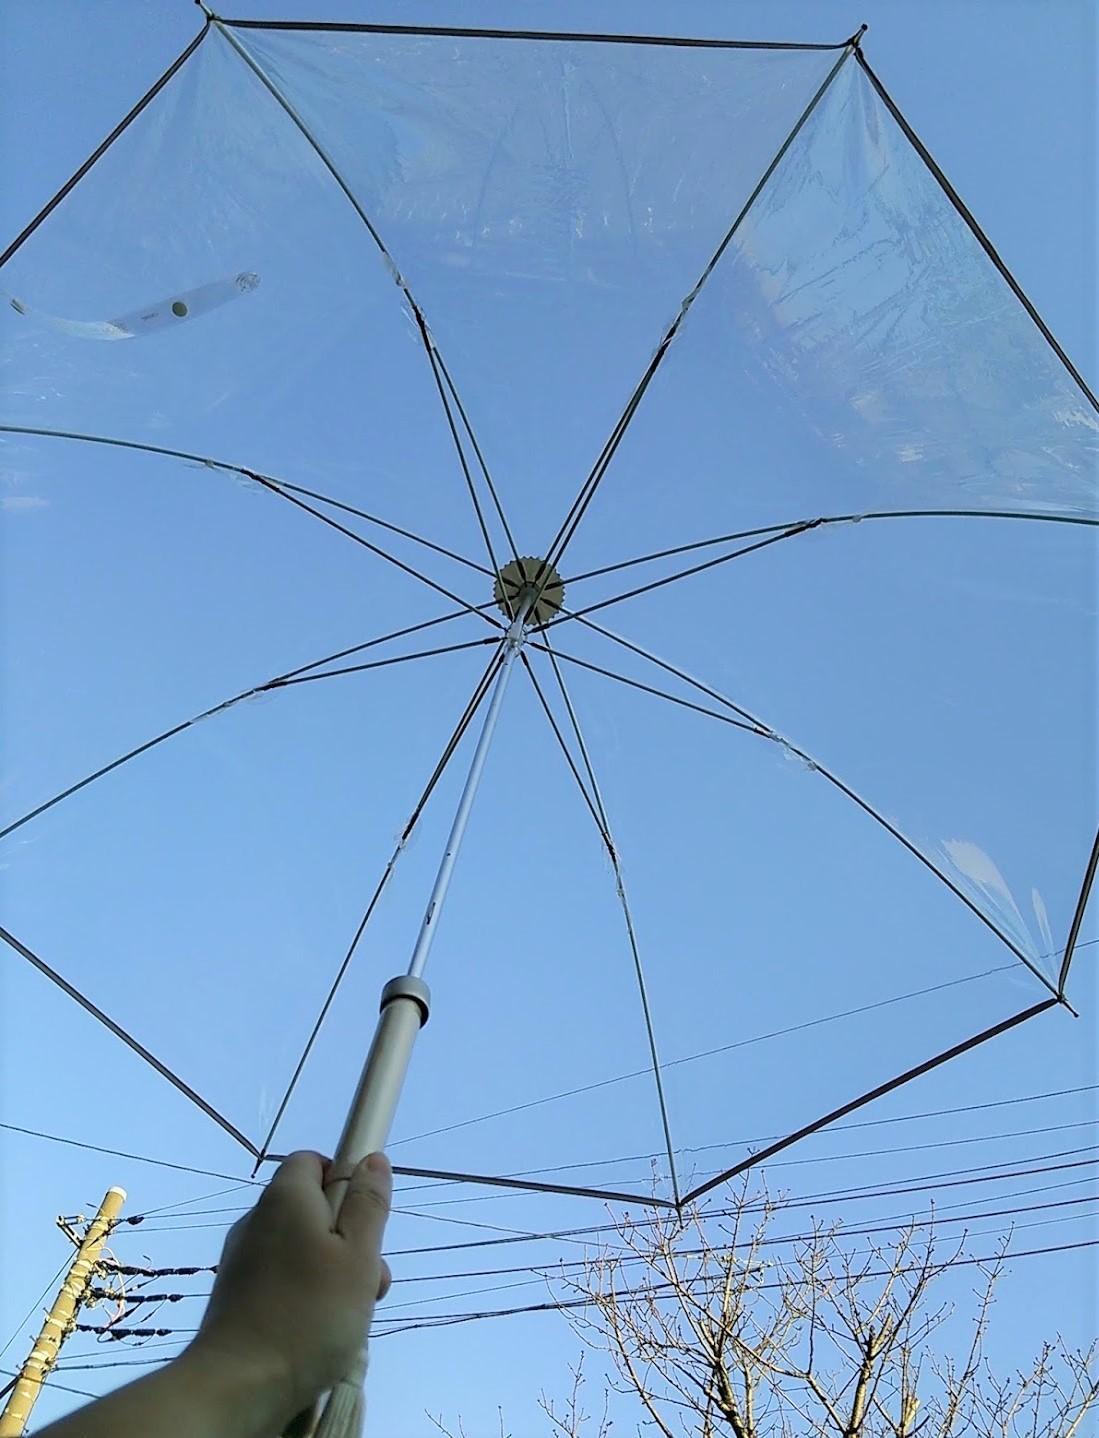 ホワイトローズ 青空とビニール傘